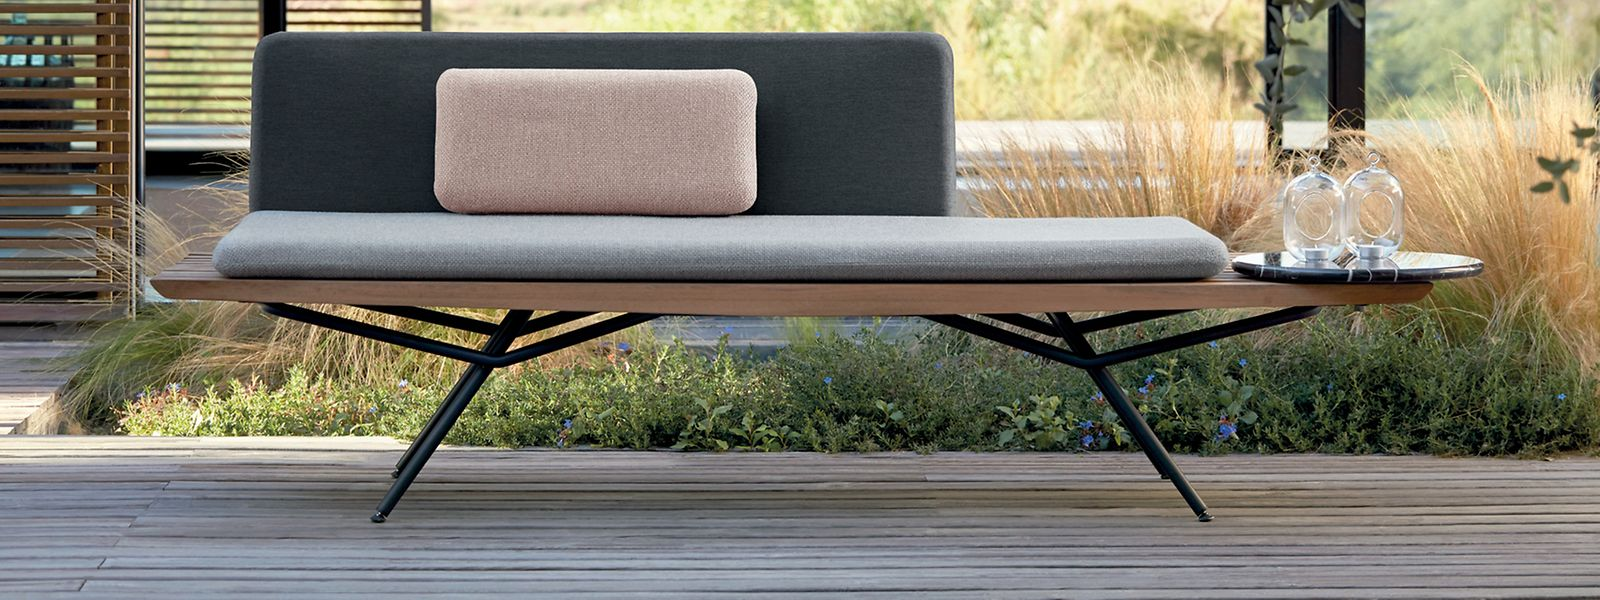 """Drinnen wie draußen: Die schlichte Sofa-Liege der """"San""""-Kollektion von Lionel Doyen für Manutti kann sich auch im Wohnbereich sehen lassen. Preis: um 3.975 Euro."""